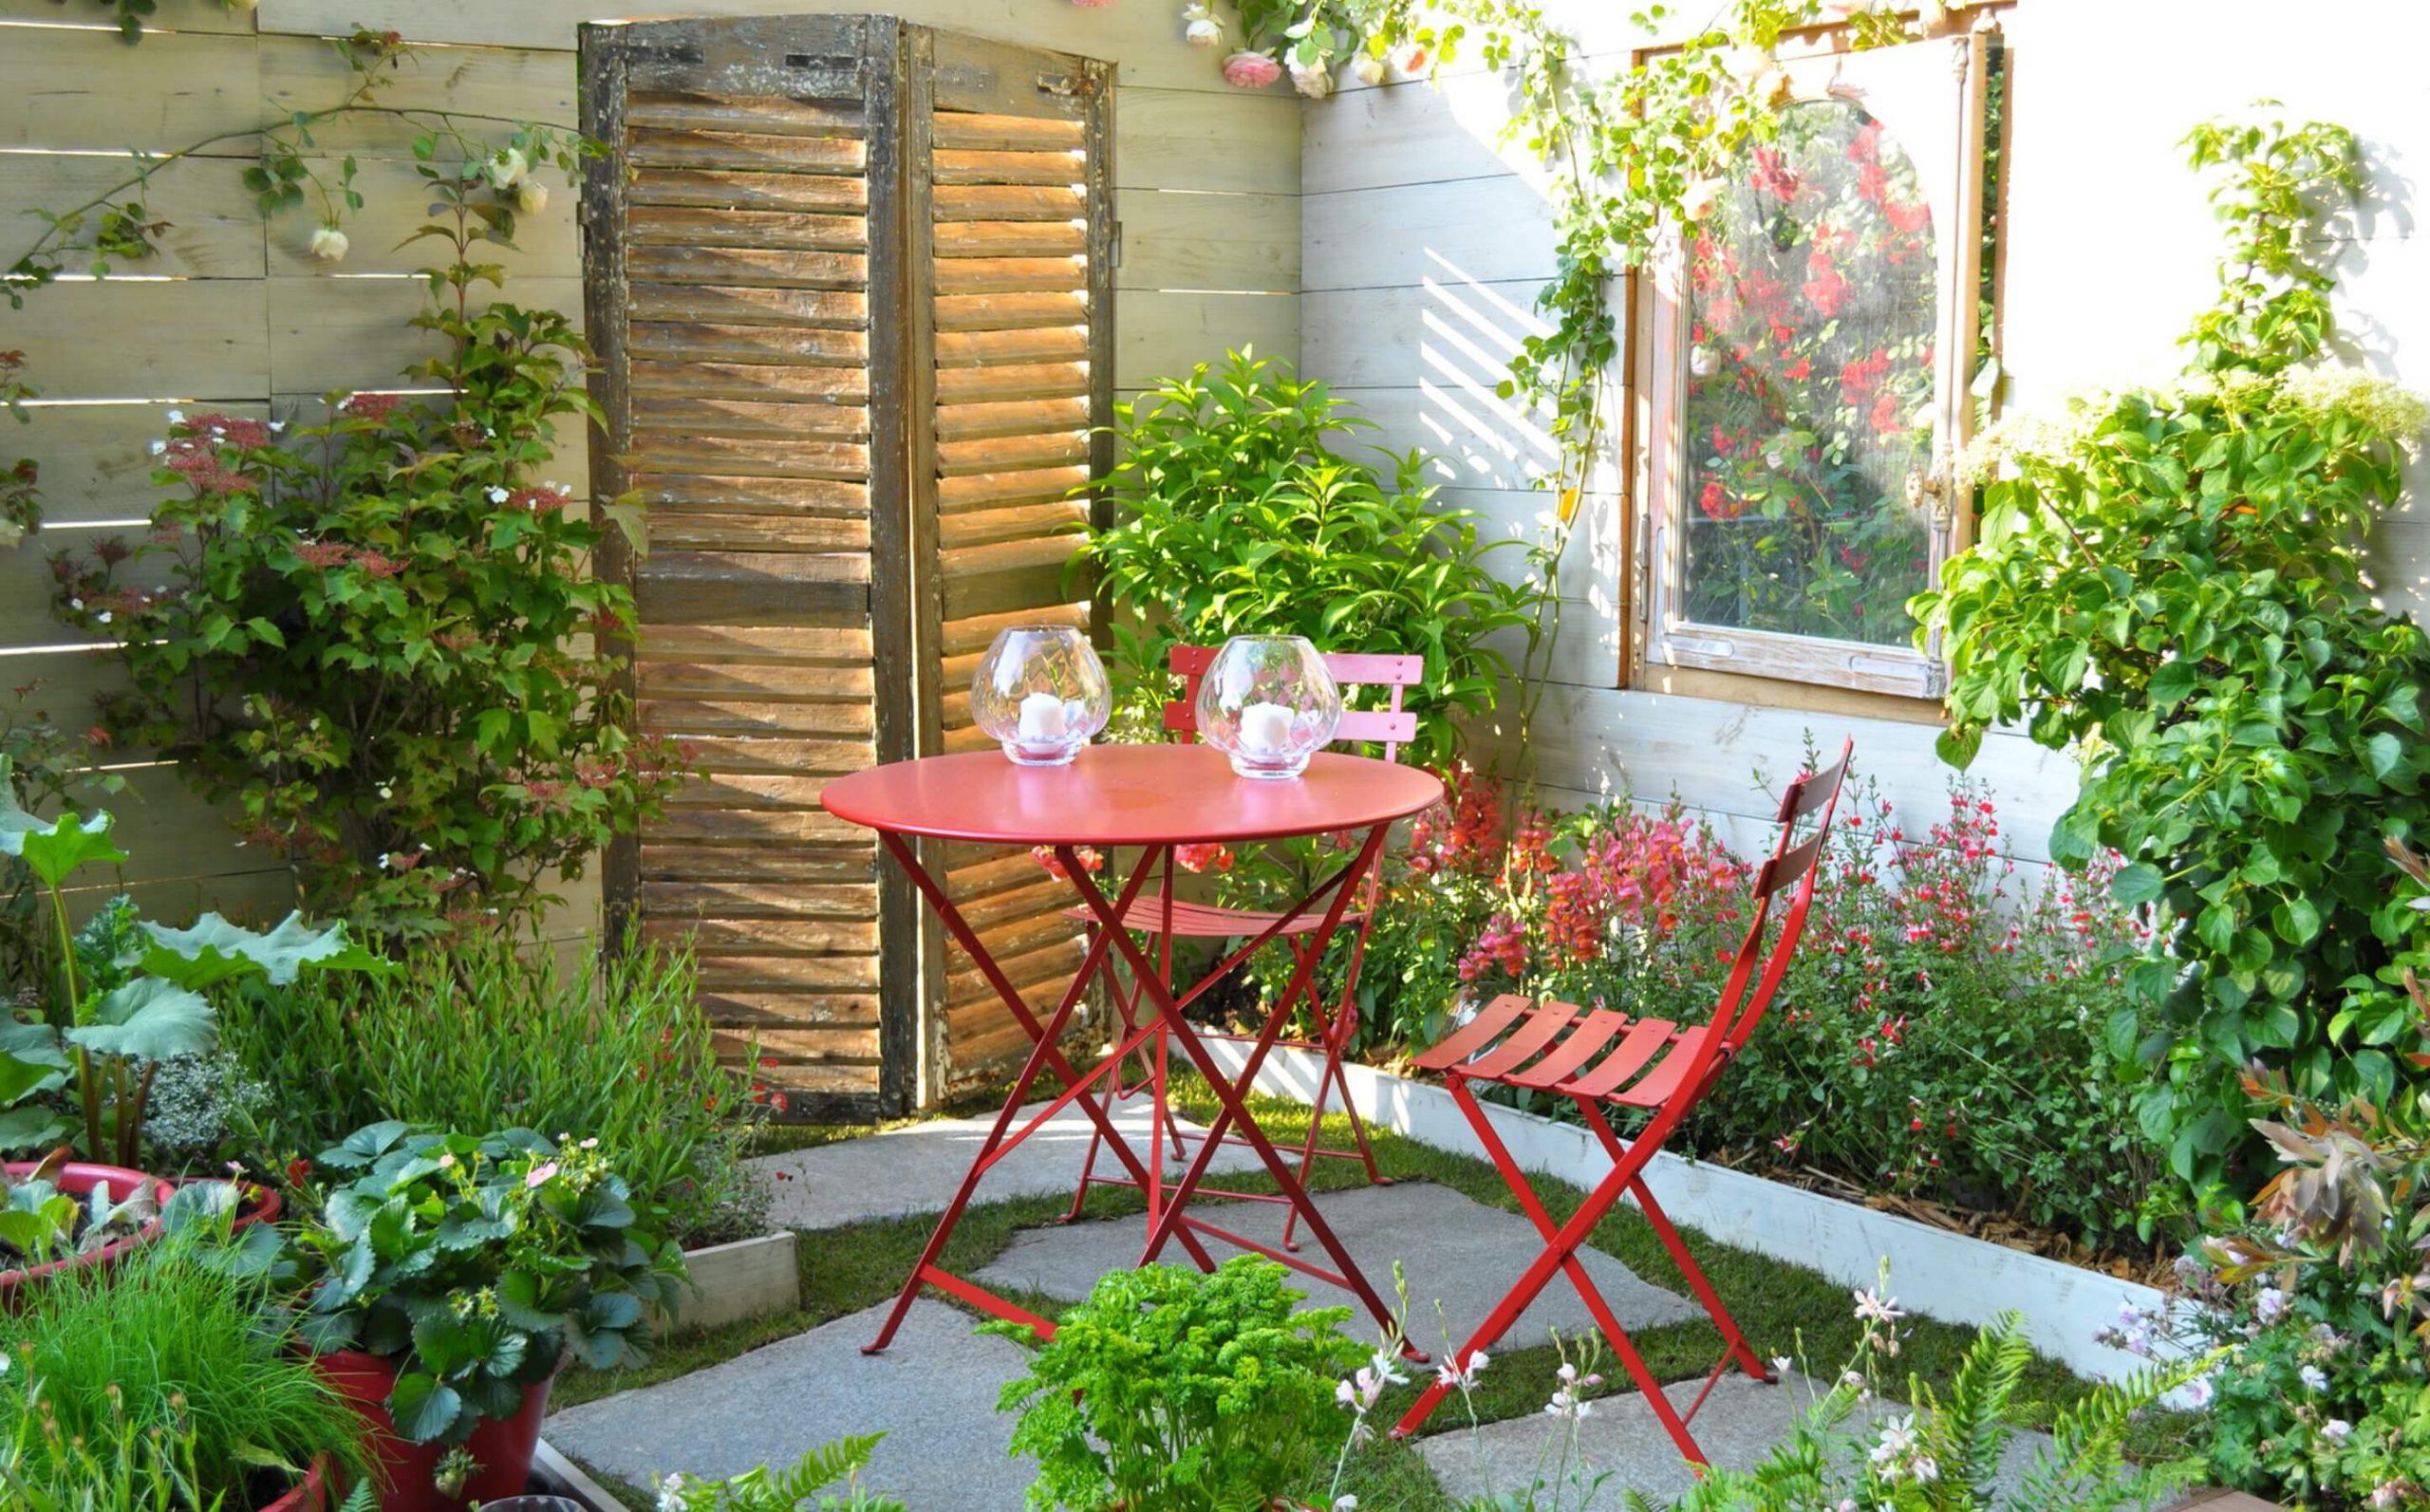 Comment Créer Un Petit Jardin De Ville ? - Le Blog De ... destiné Petite Barriere Jardin